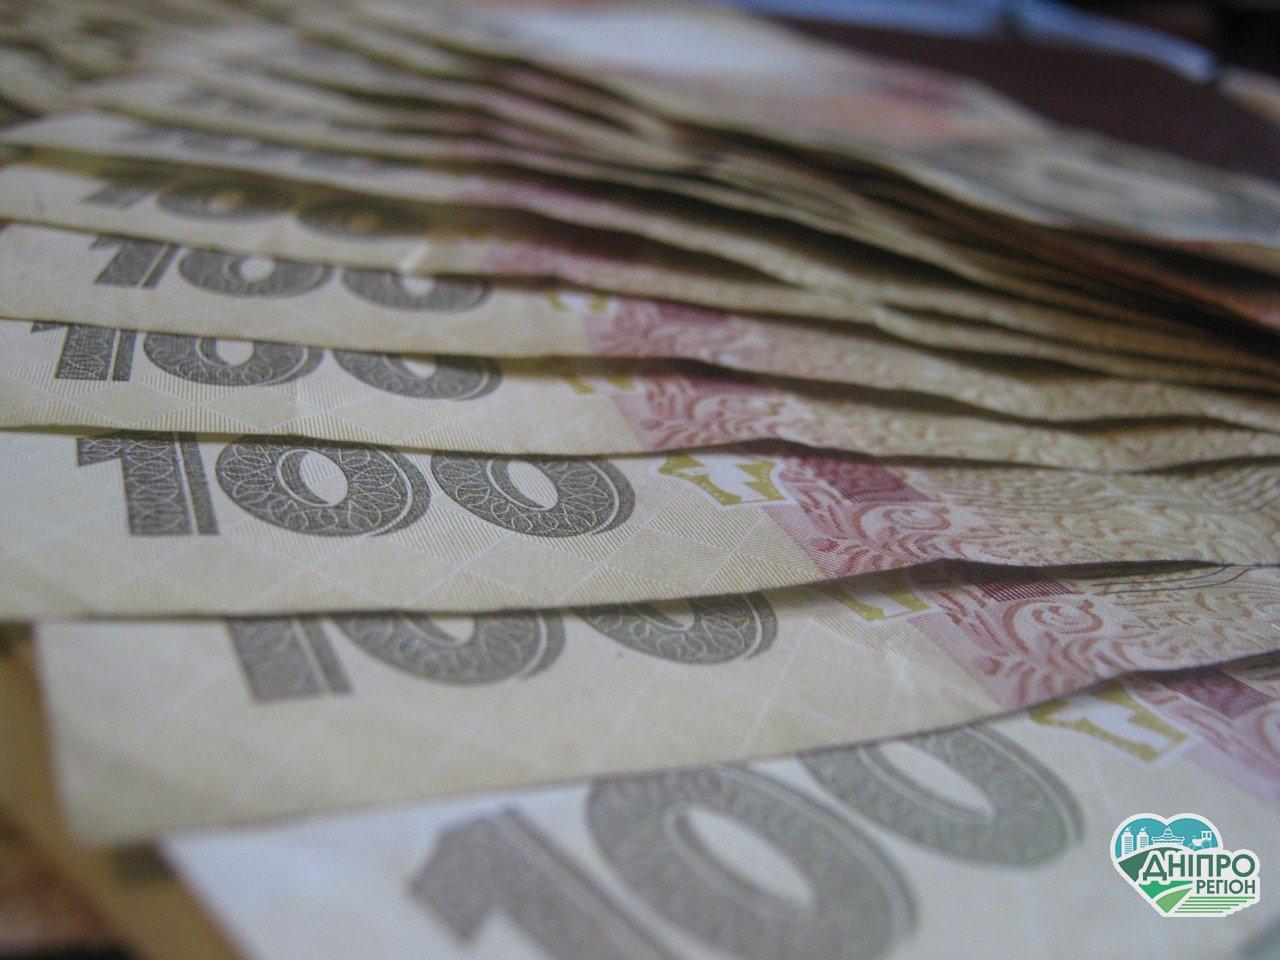 Минимальная заработная плата повысится до 5000 грн: Где возьмут деньги?